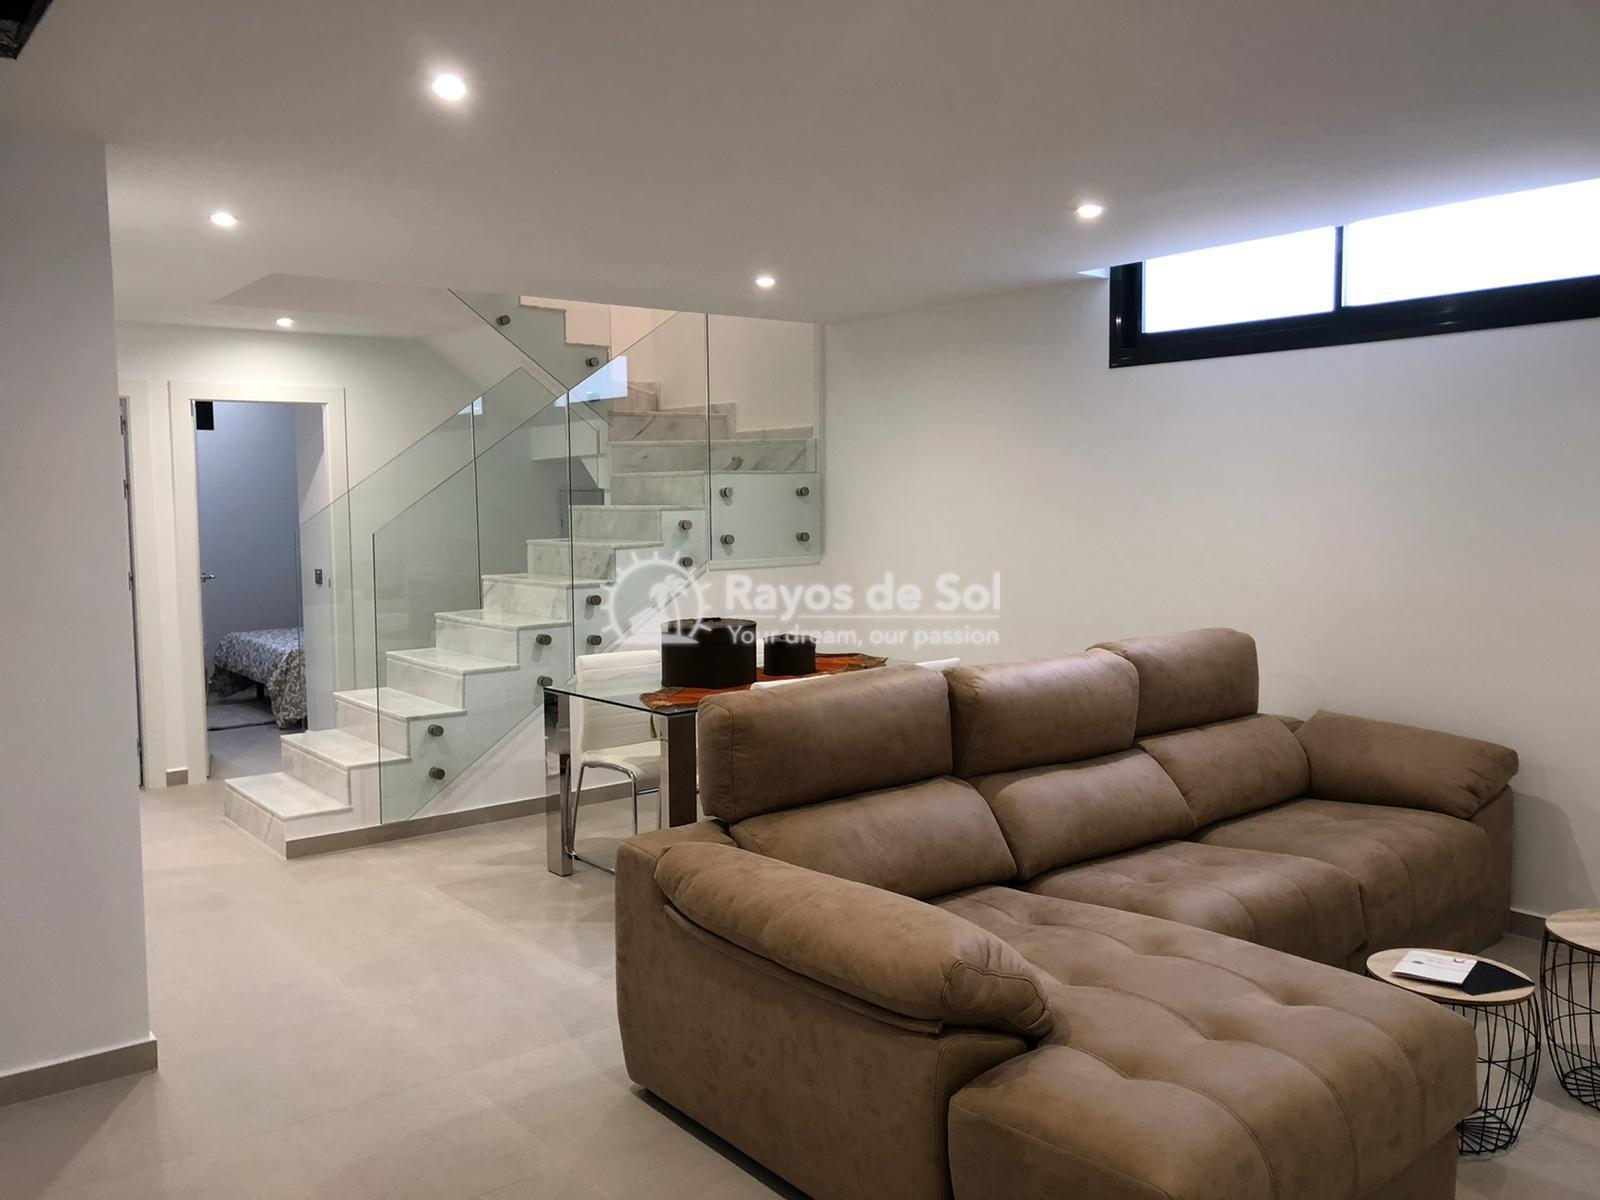 Newbuild villas in La Finca, Algorfa, Costa Blanca (LFHELFV3-2) - 80